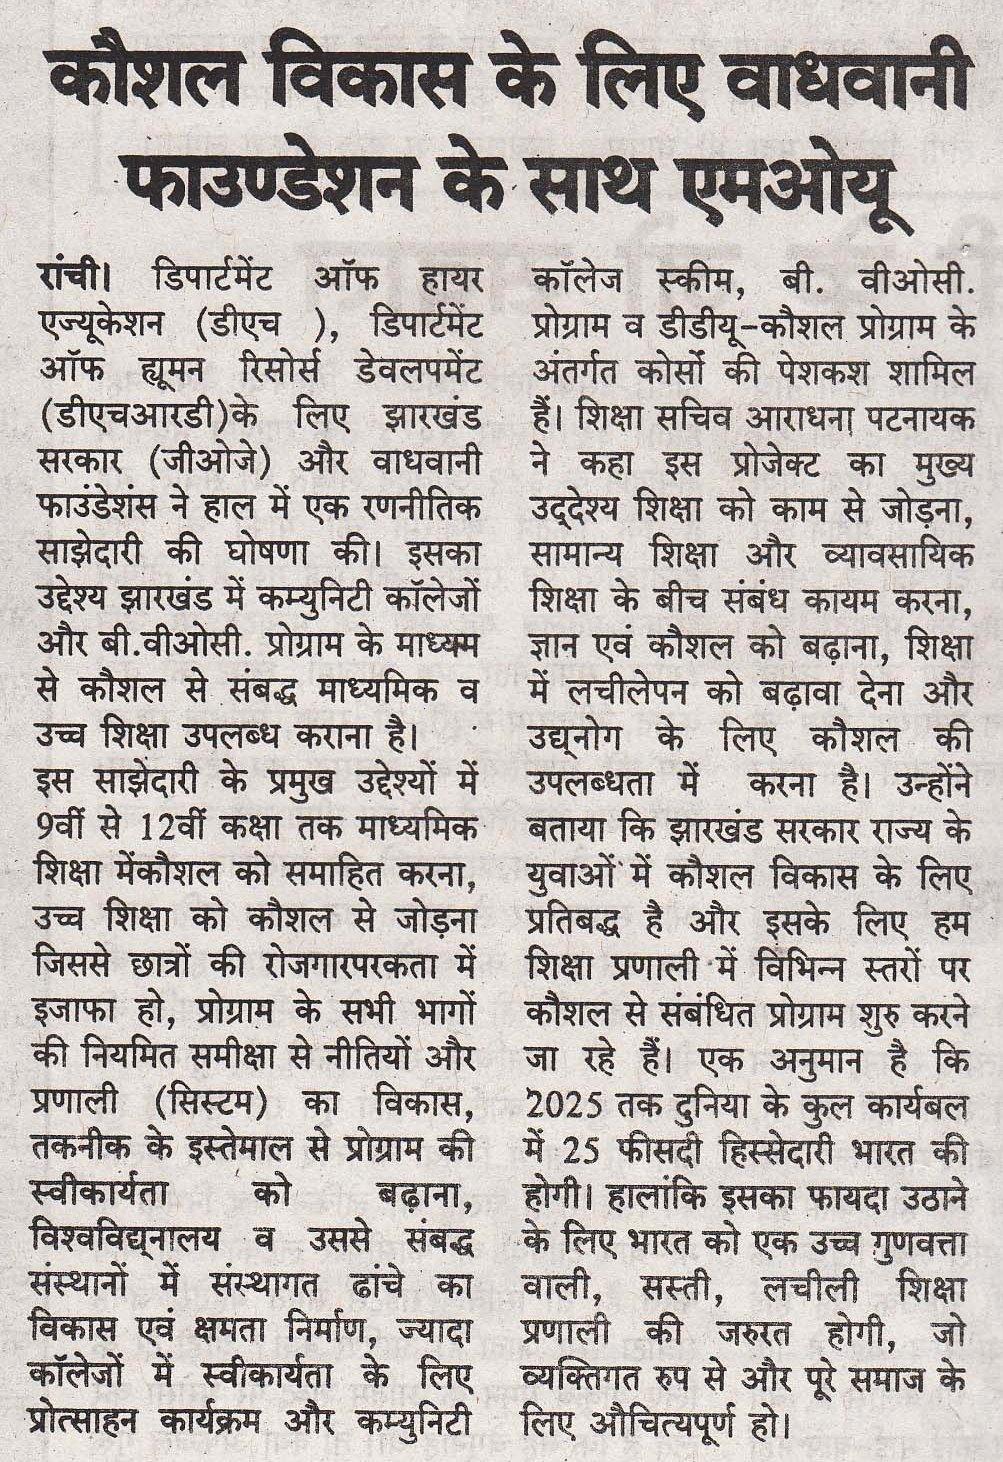 Rashtriya Navin Mail